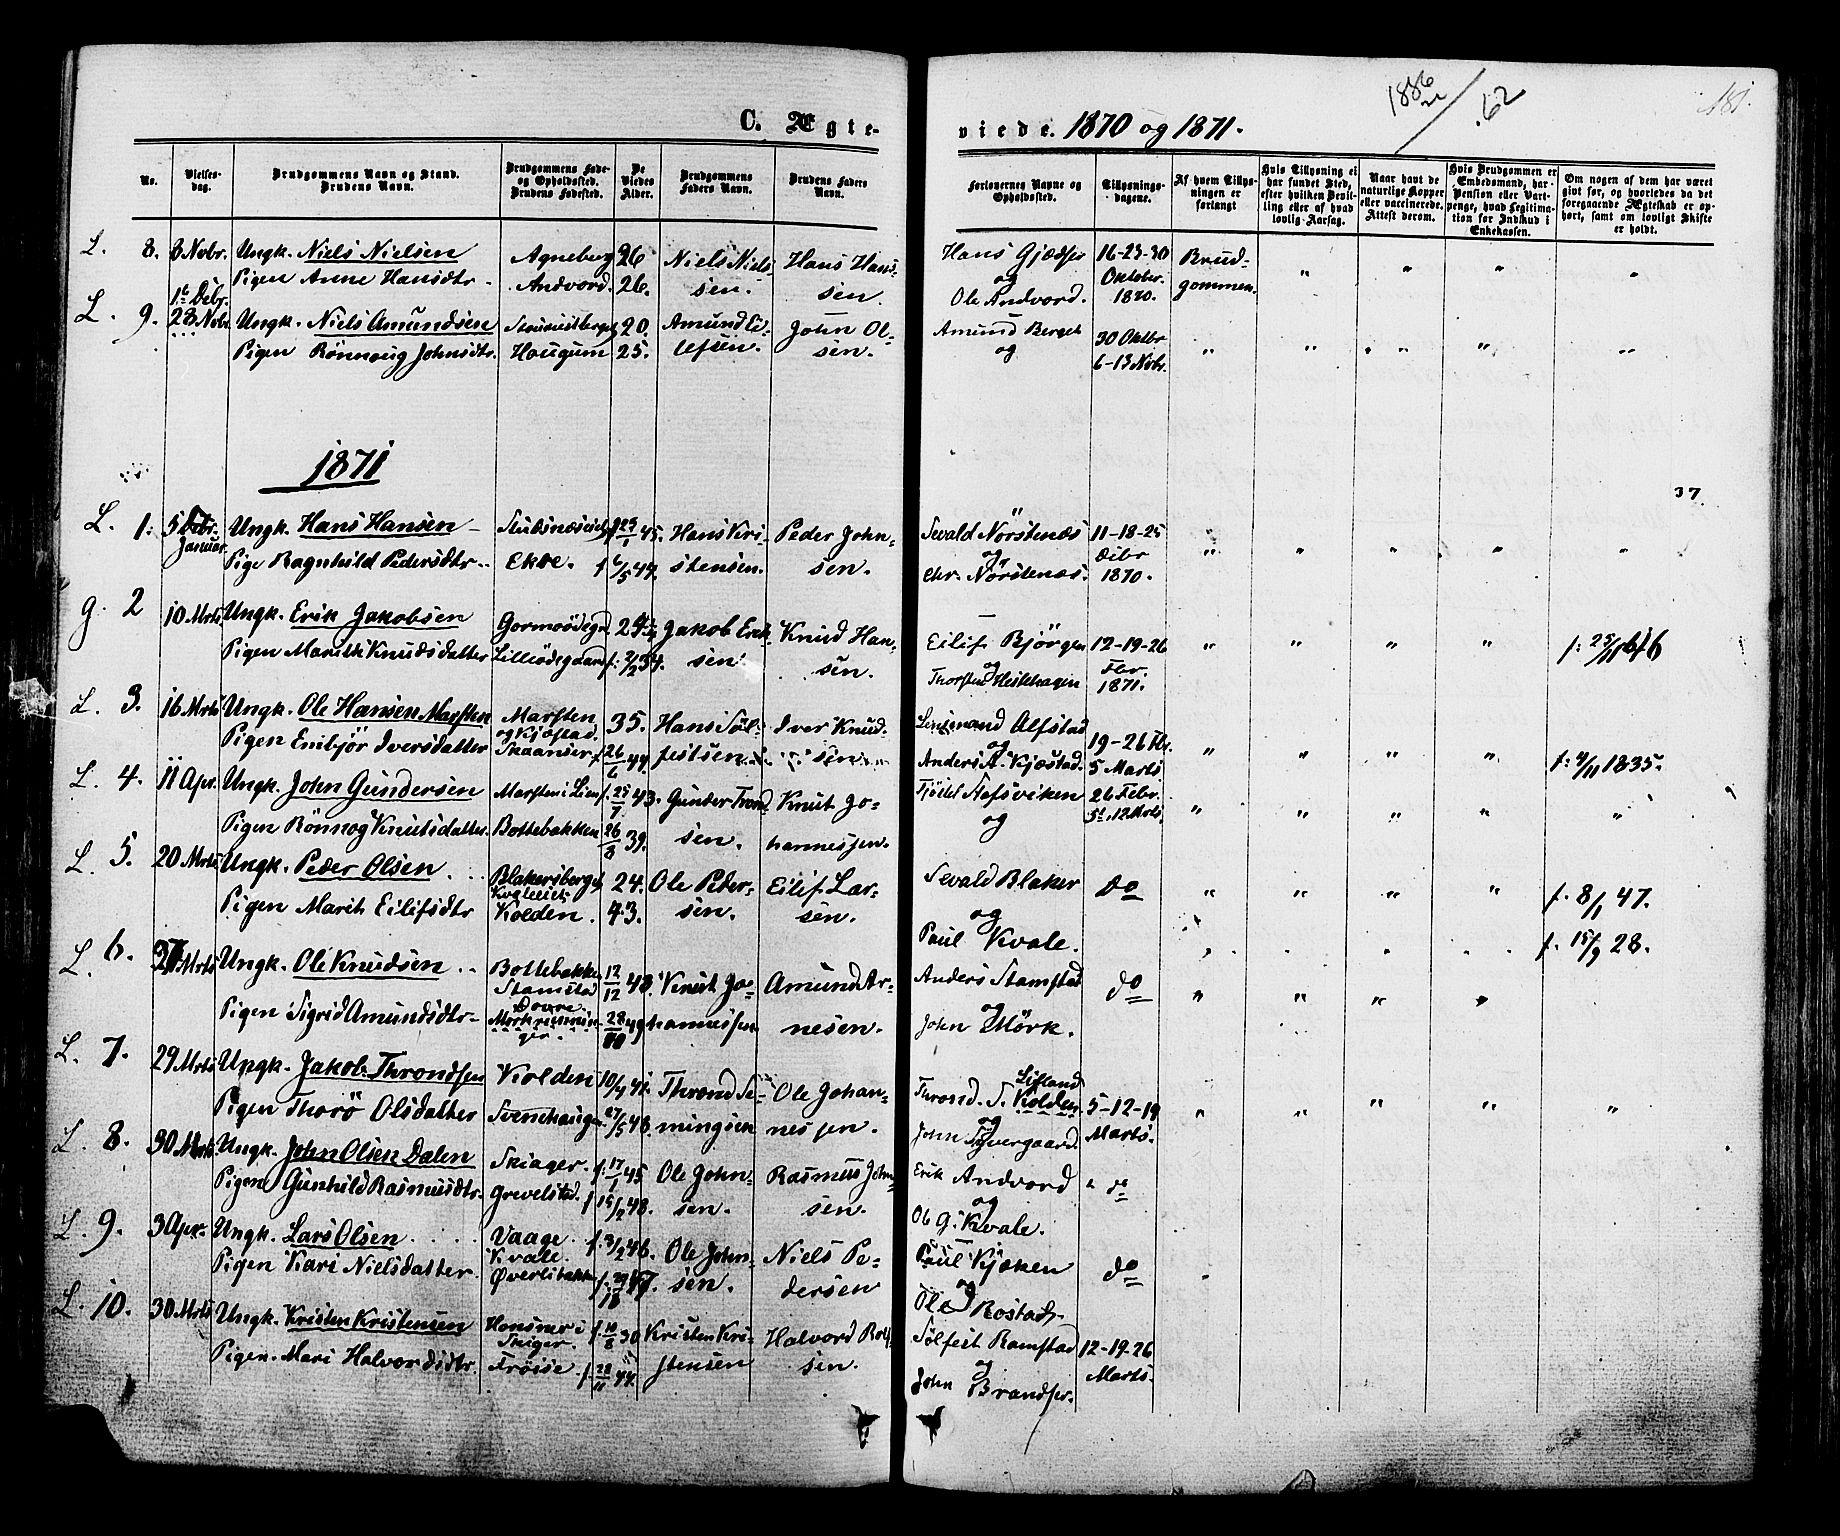 SAH, Lom prestekontor, K/L0007: Ministerialbok nr. 7, 1863-1884, s. 181